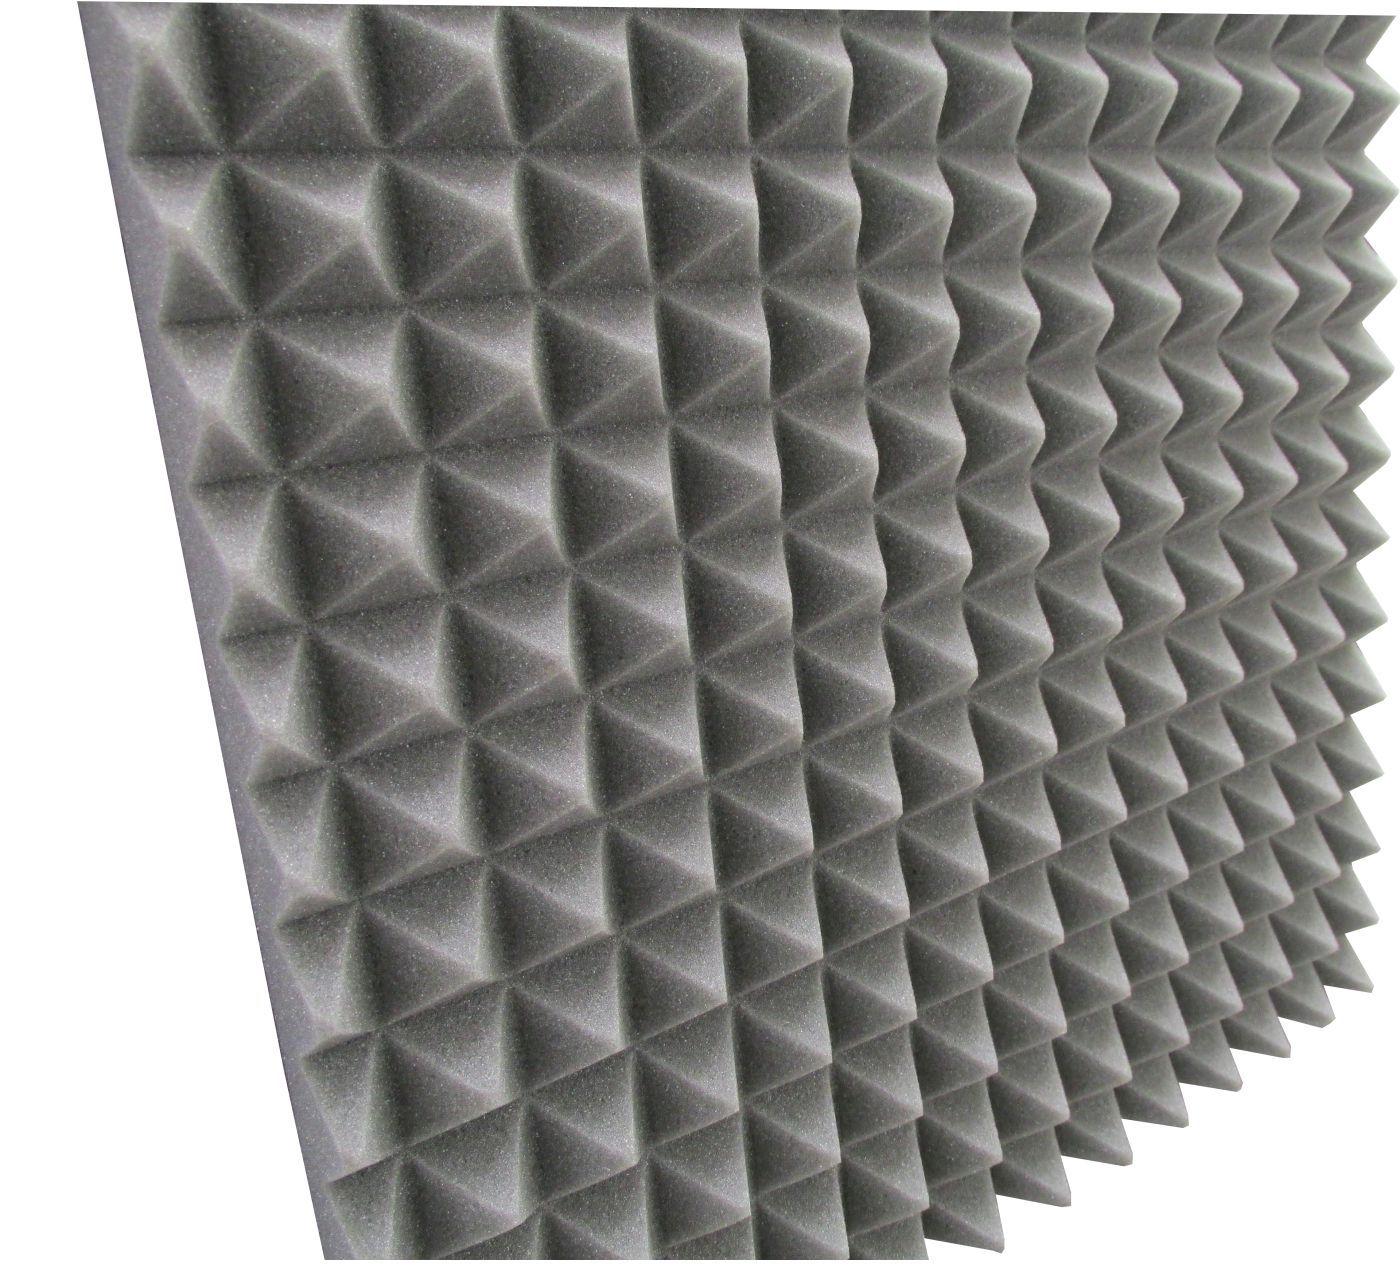 Espuma Acústica - REV - T1 Colorida pigmentada - Kit 4 peças - (1m²)   - Loja SPL Acústica